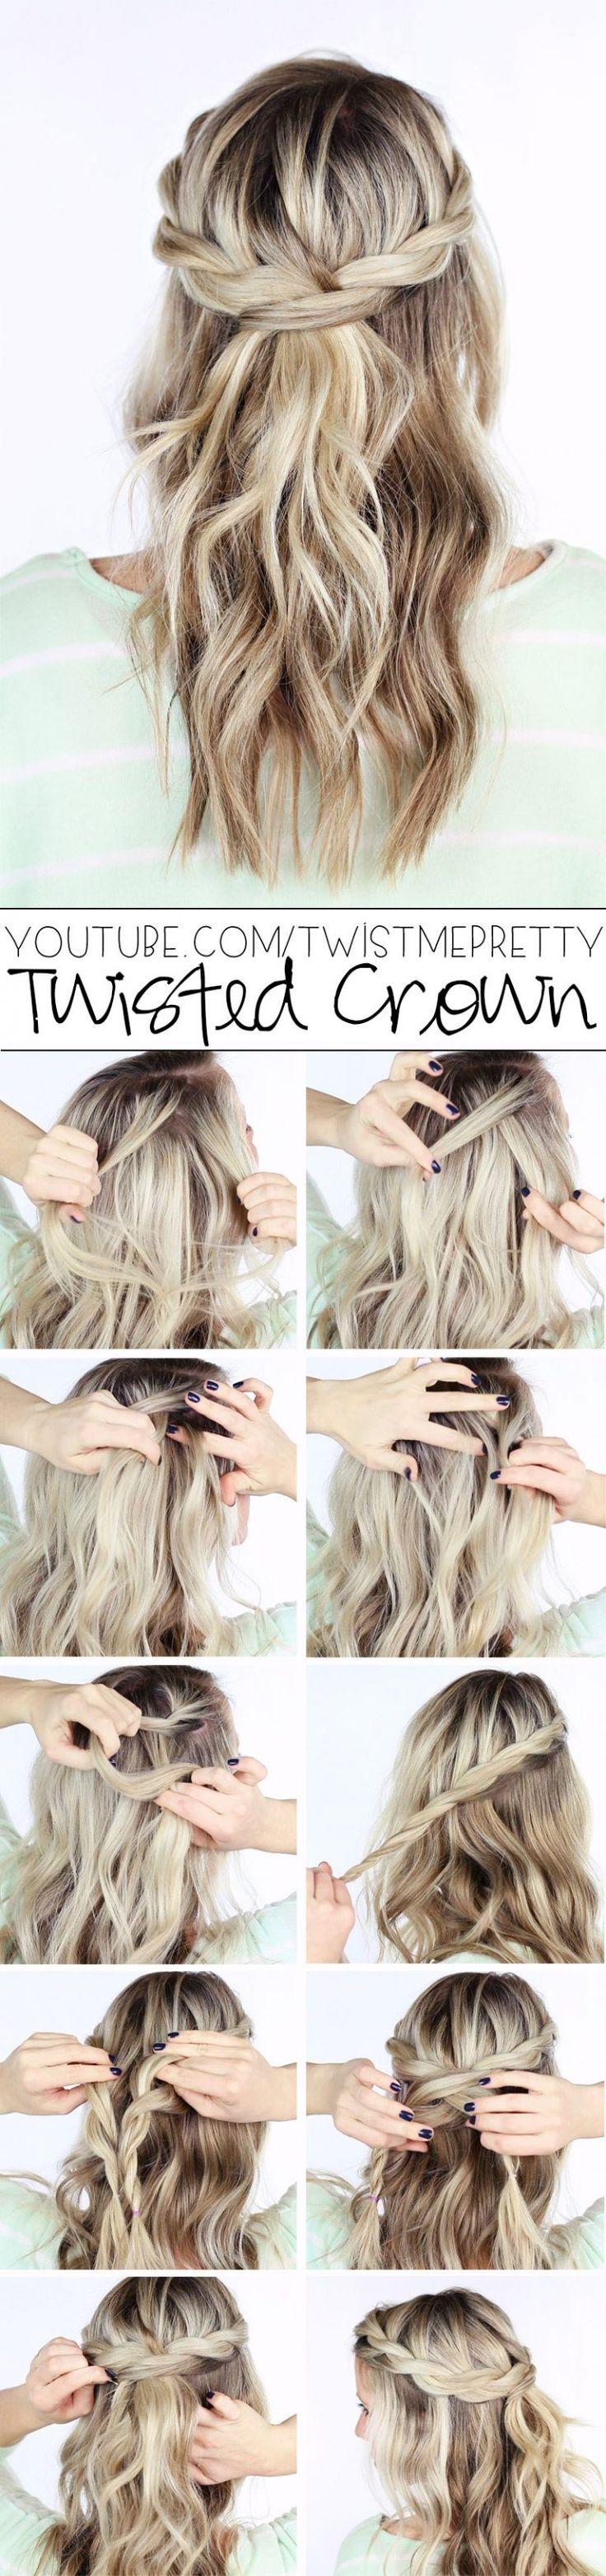 29 best hair images on Pinterest